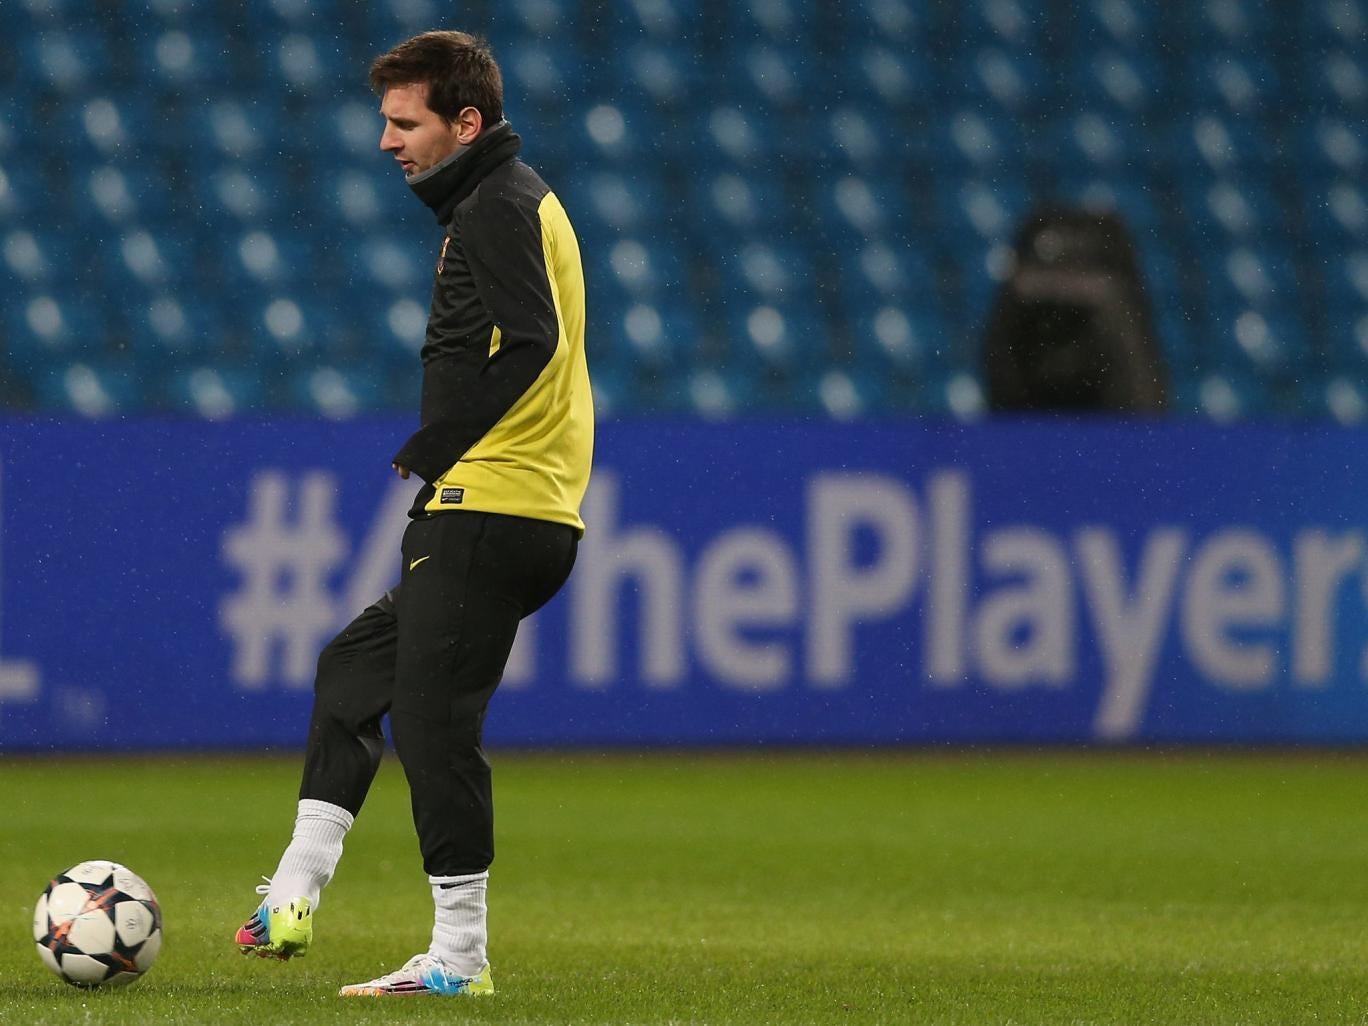 Lionel Messi pictured training at the Etihad